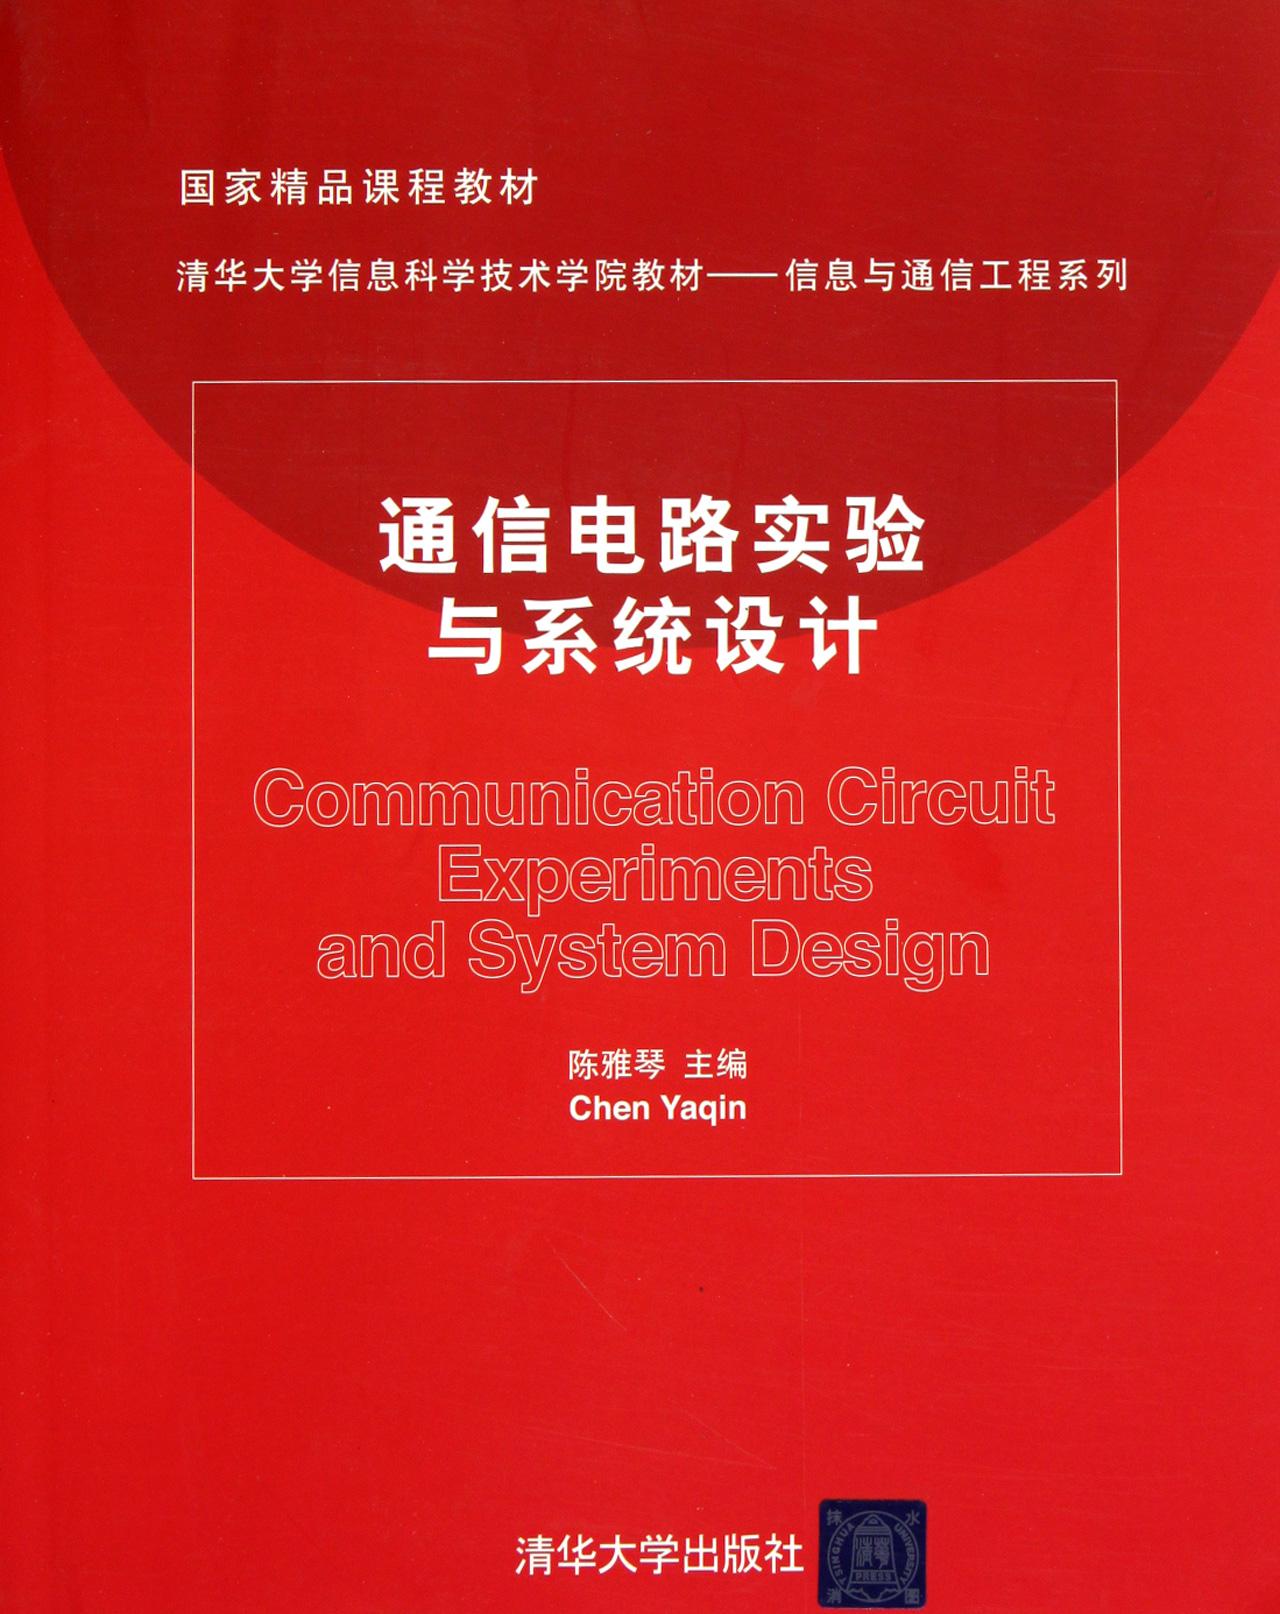 电路实验与系统设计(清华大学信息科学技术学院教材)